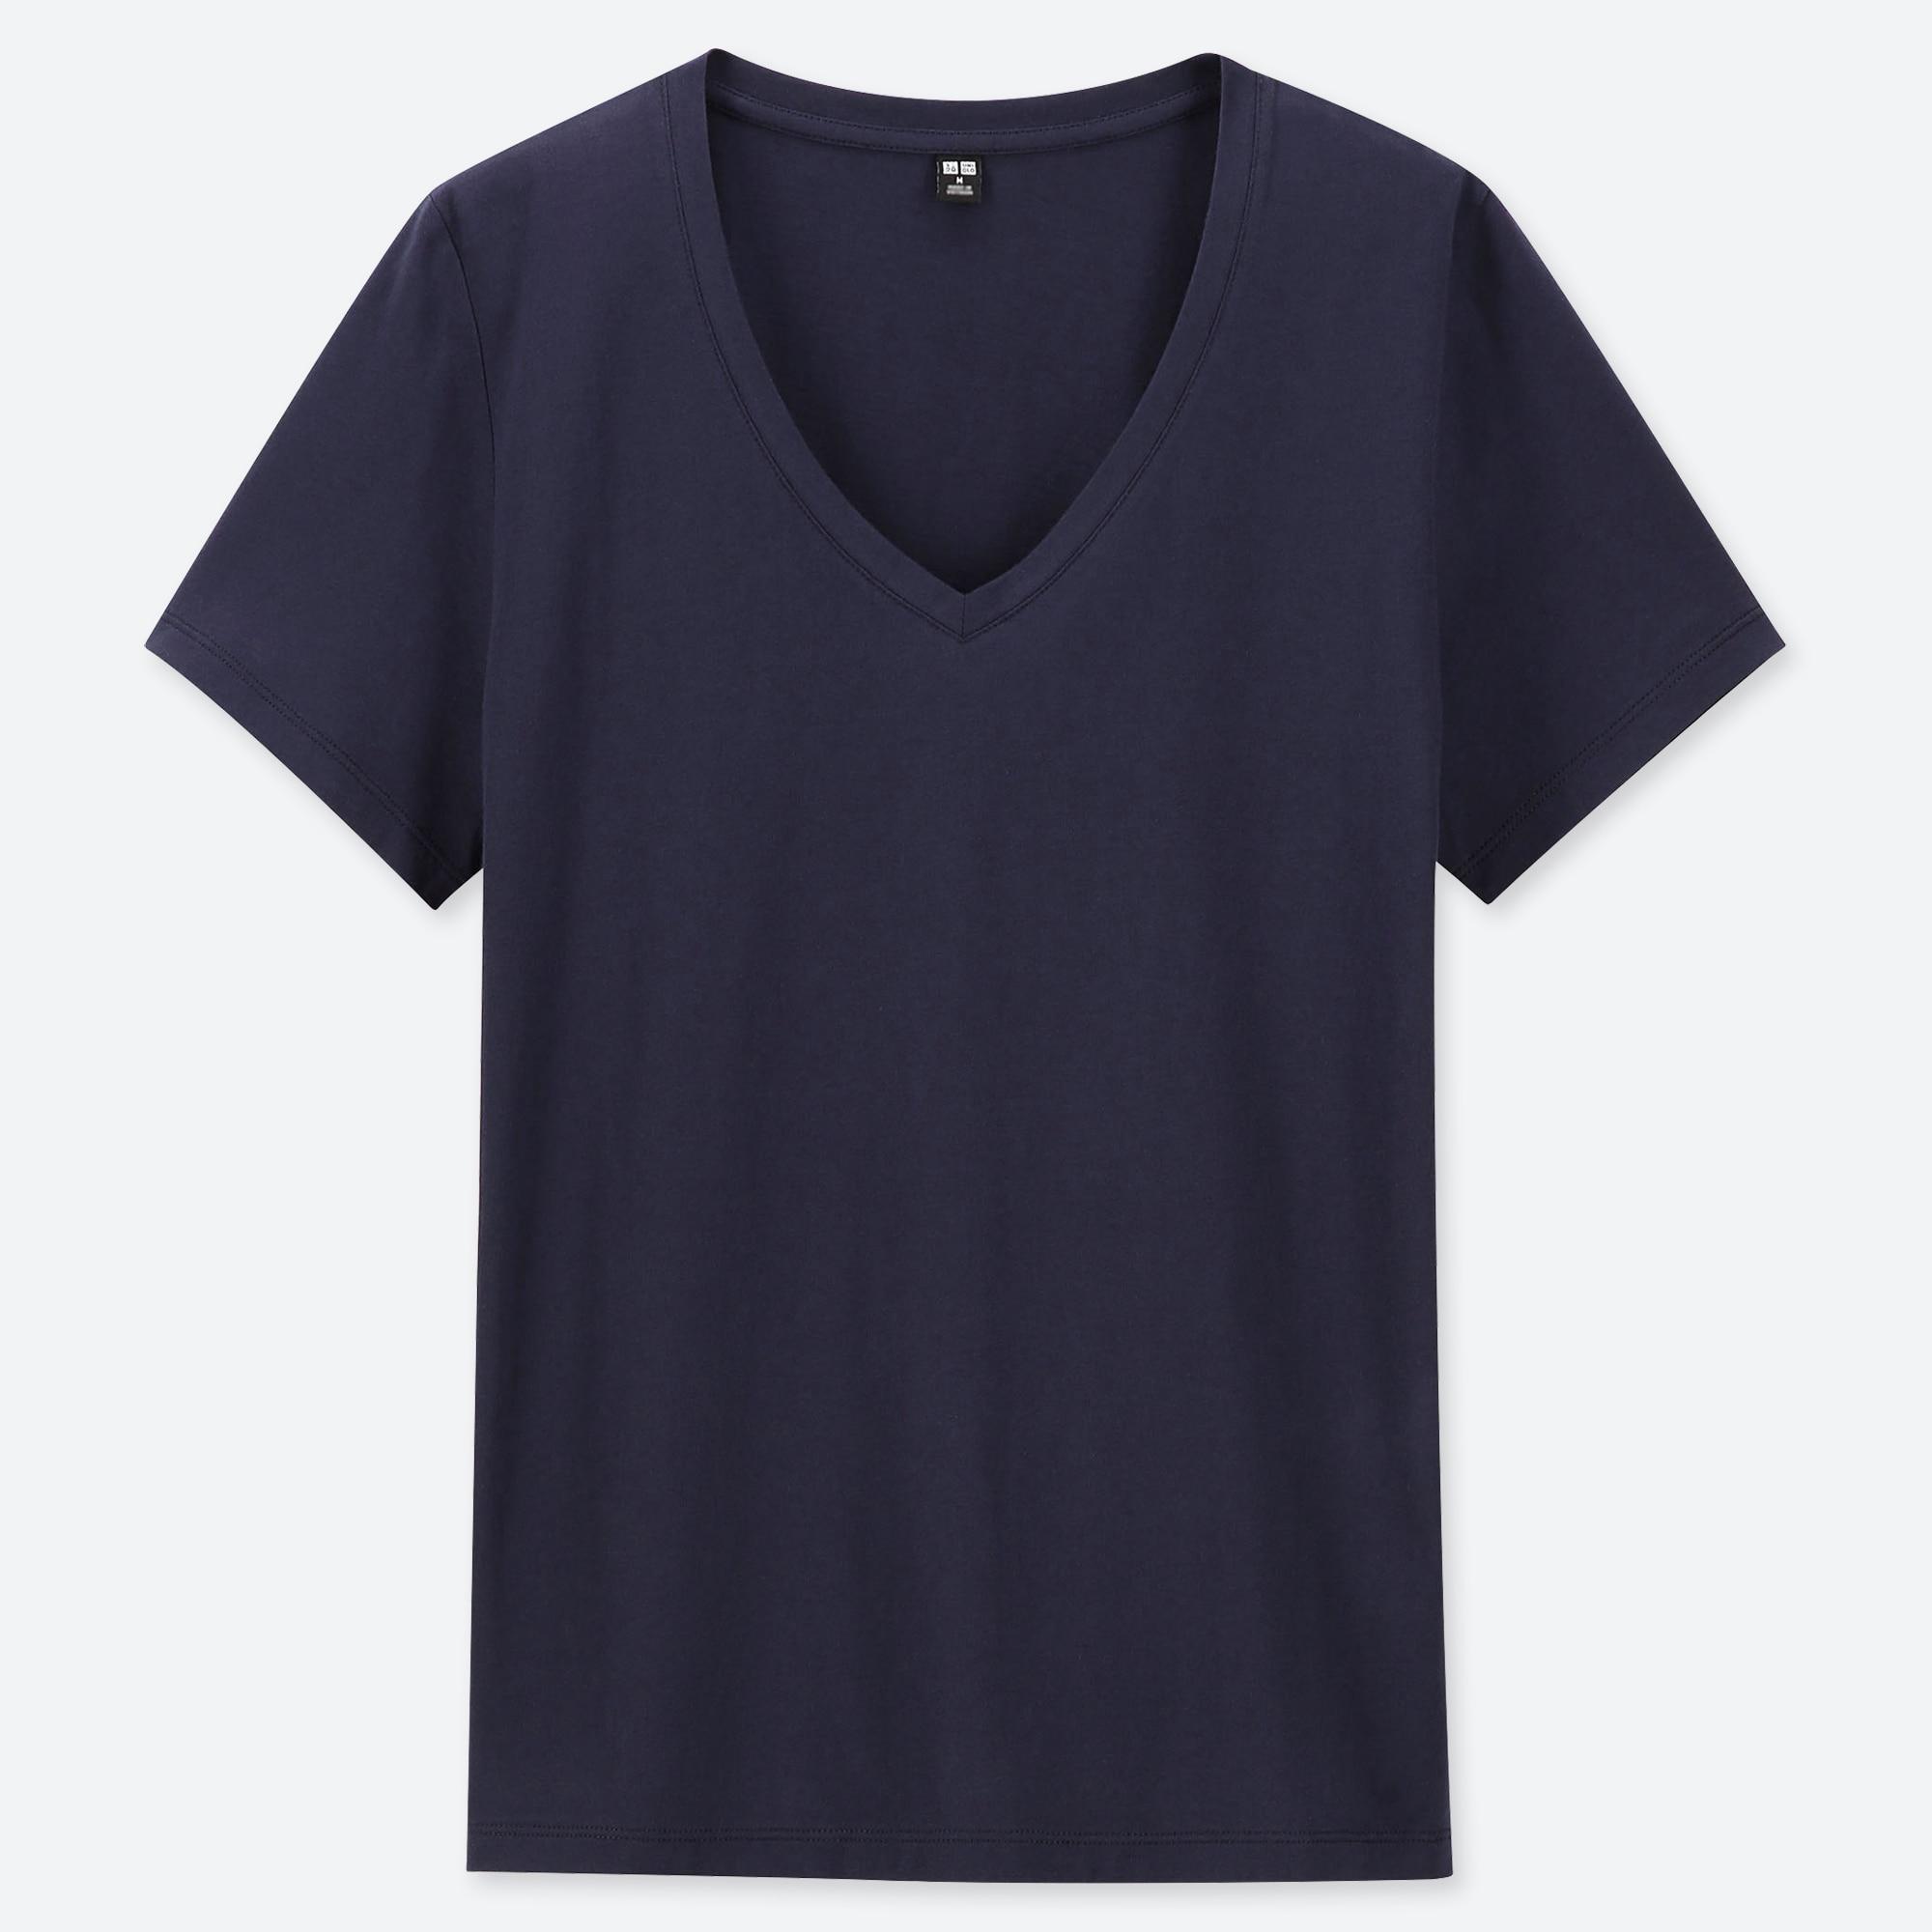 T-shirts, Hauts Vêtements Garçons (2-16 Ans) Pour Enfants Uni Basique T-shirt Filles Haut Col Rond Garçon Manches Longues Fin The Latest Fashion